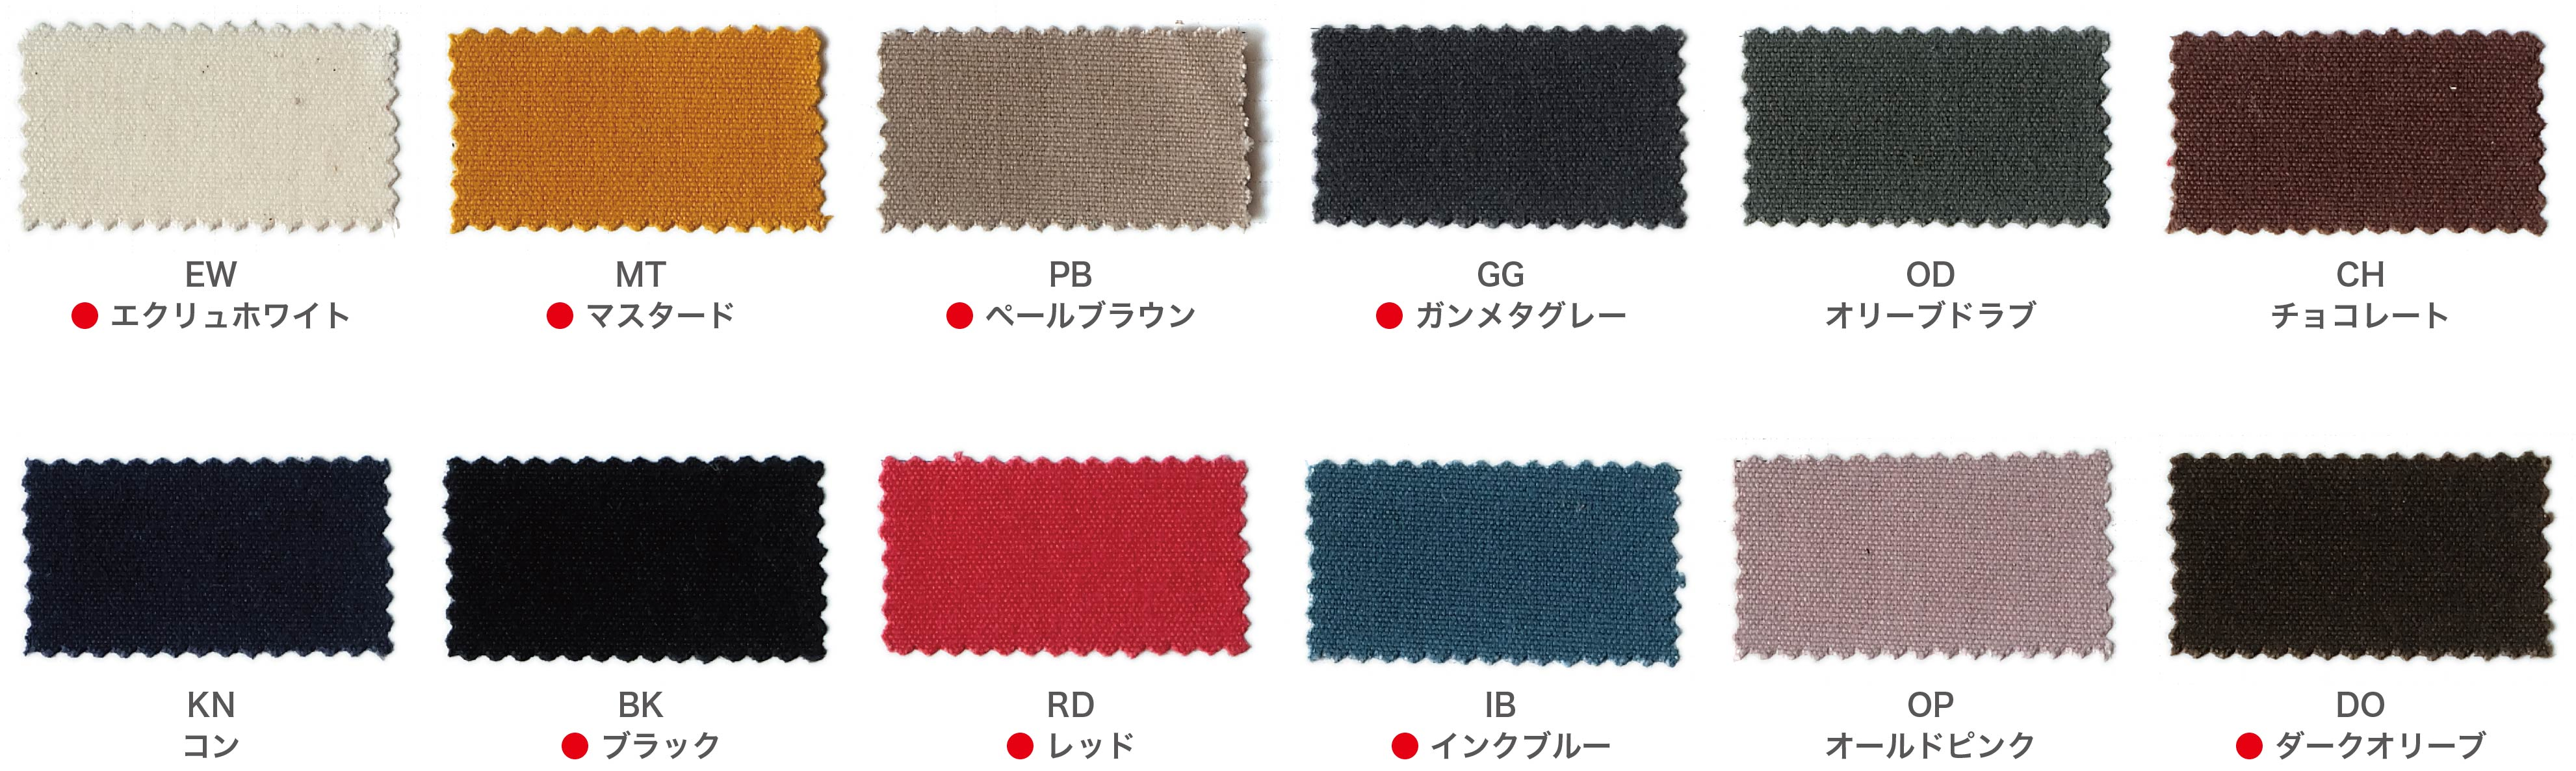 l1800_color